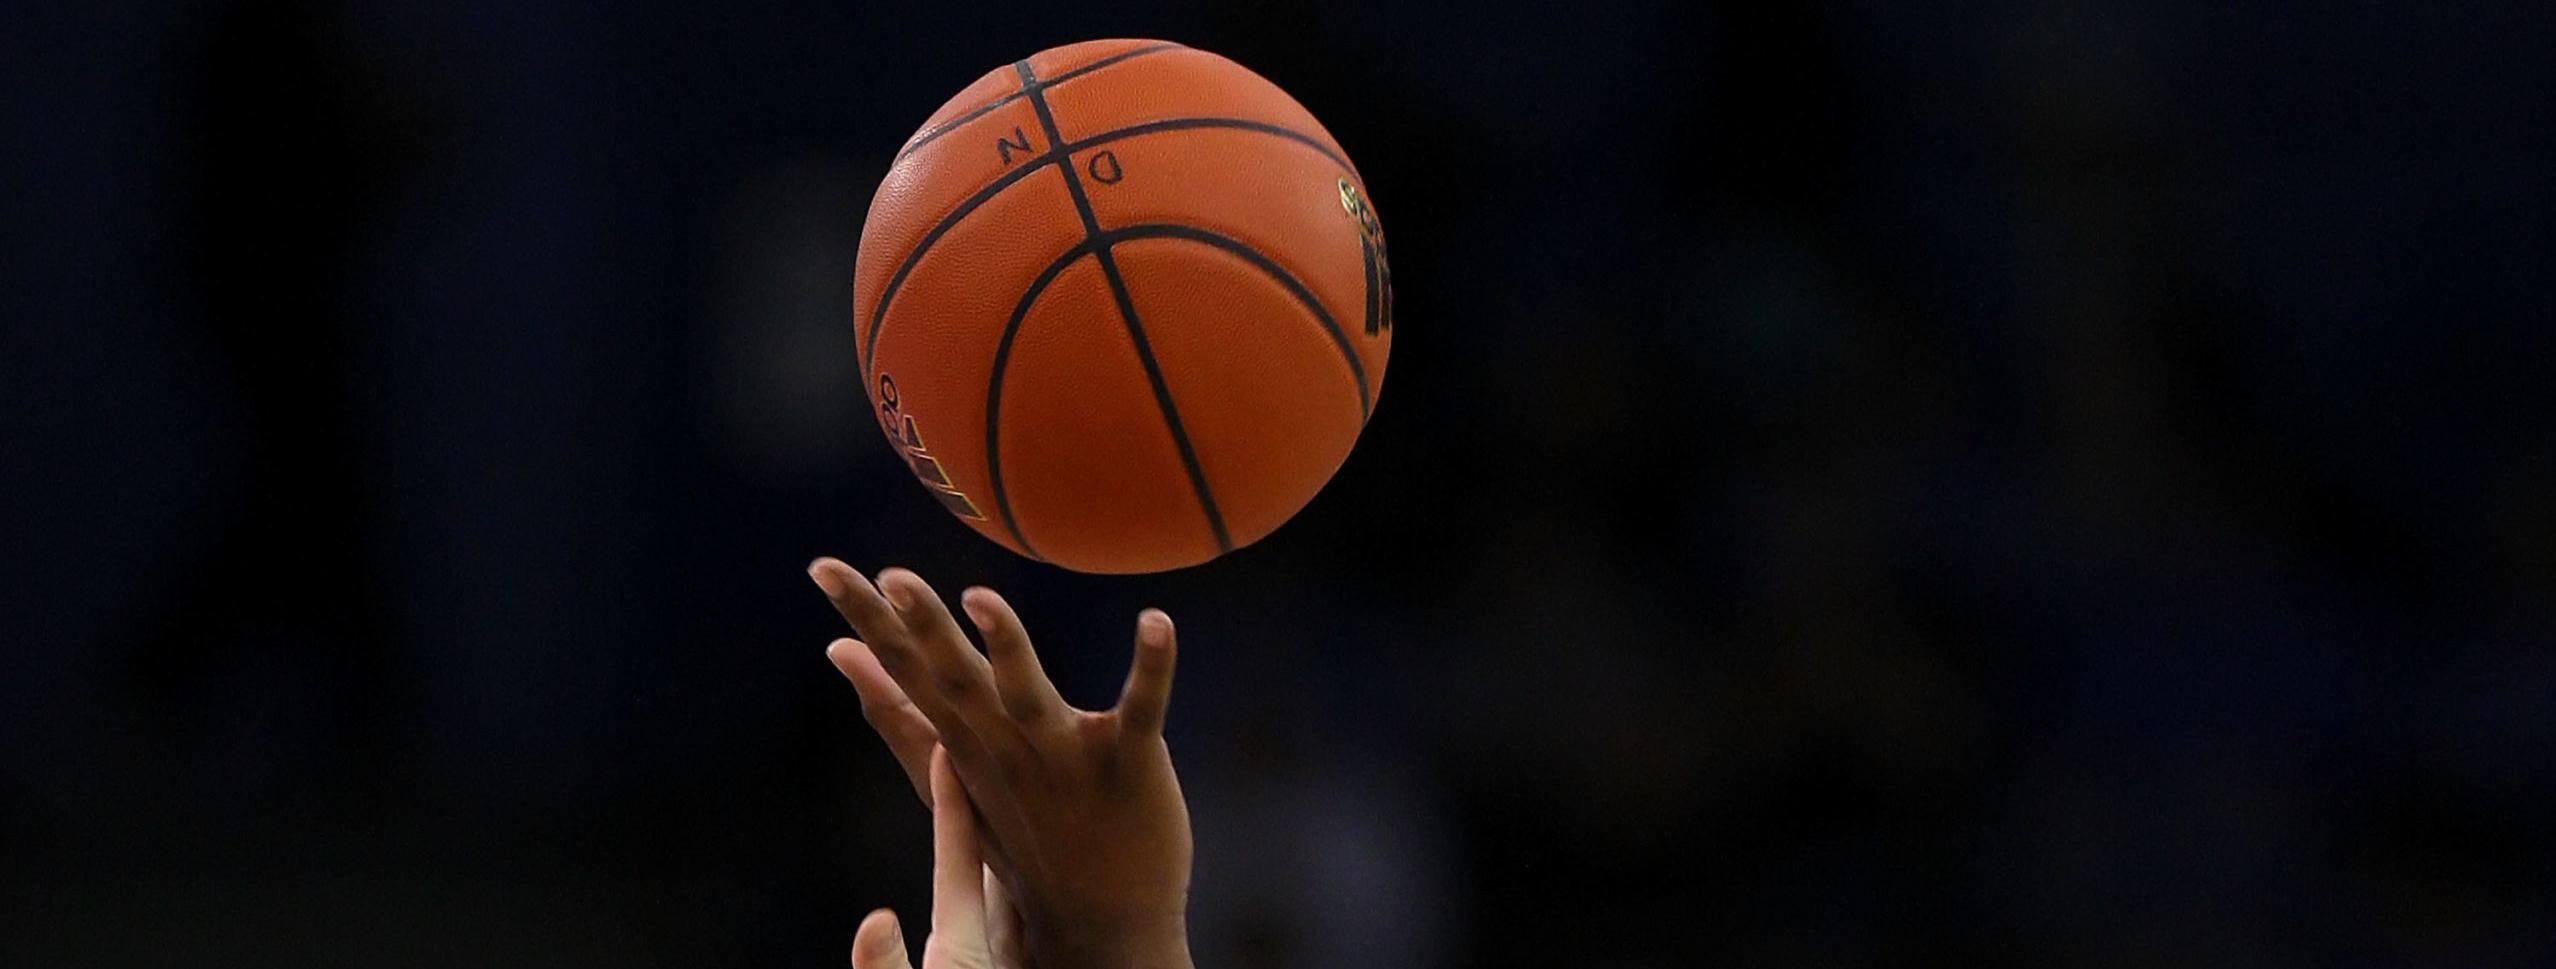 Playoff NBA 2020: pronostici e quote di tutti gli scontri del primo turno